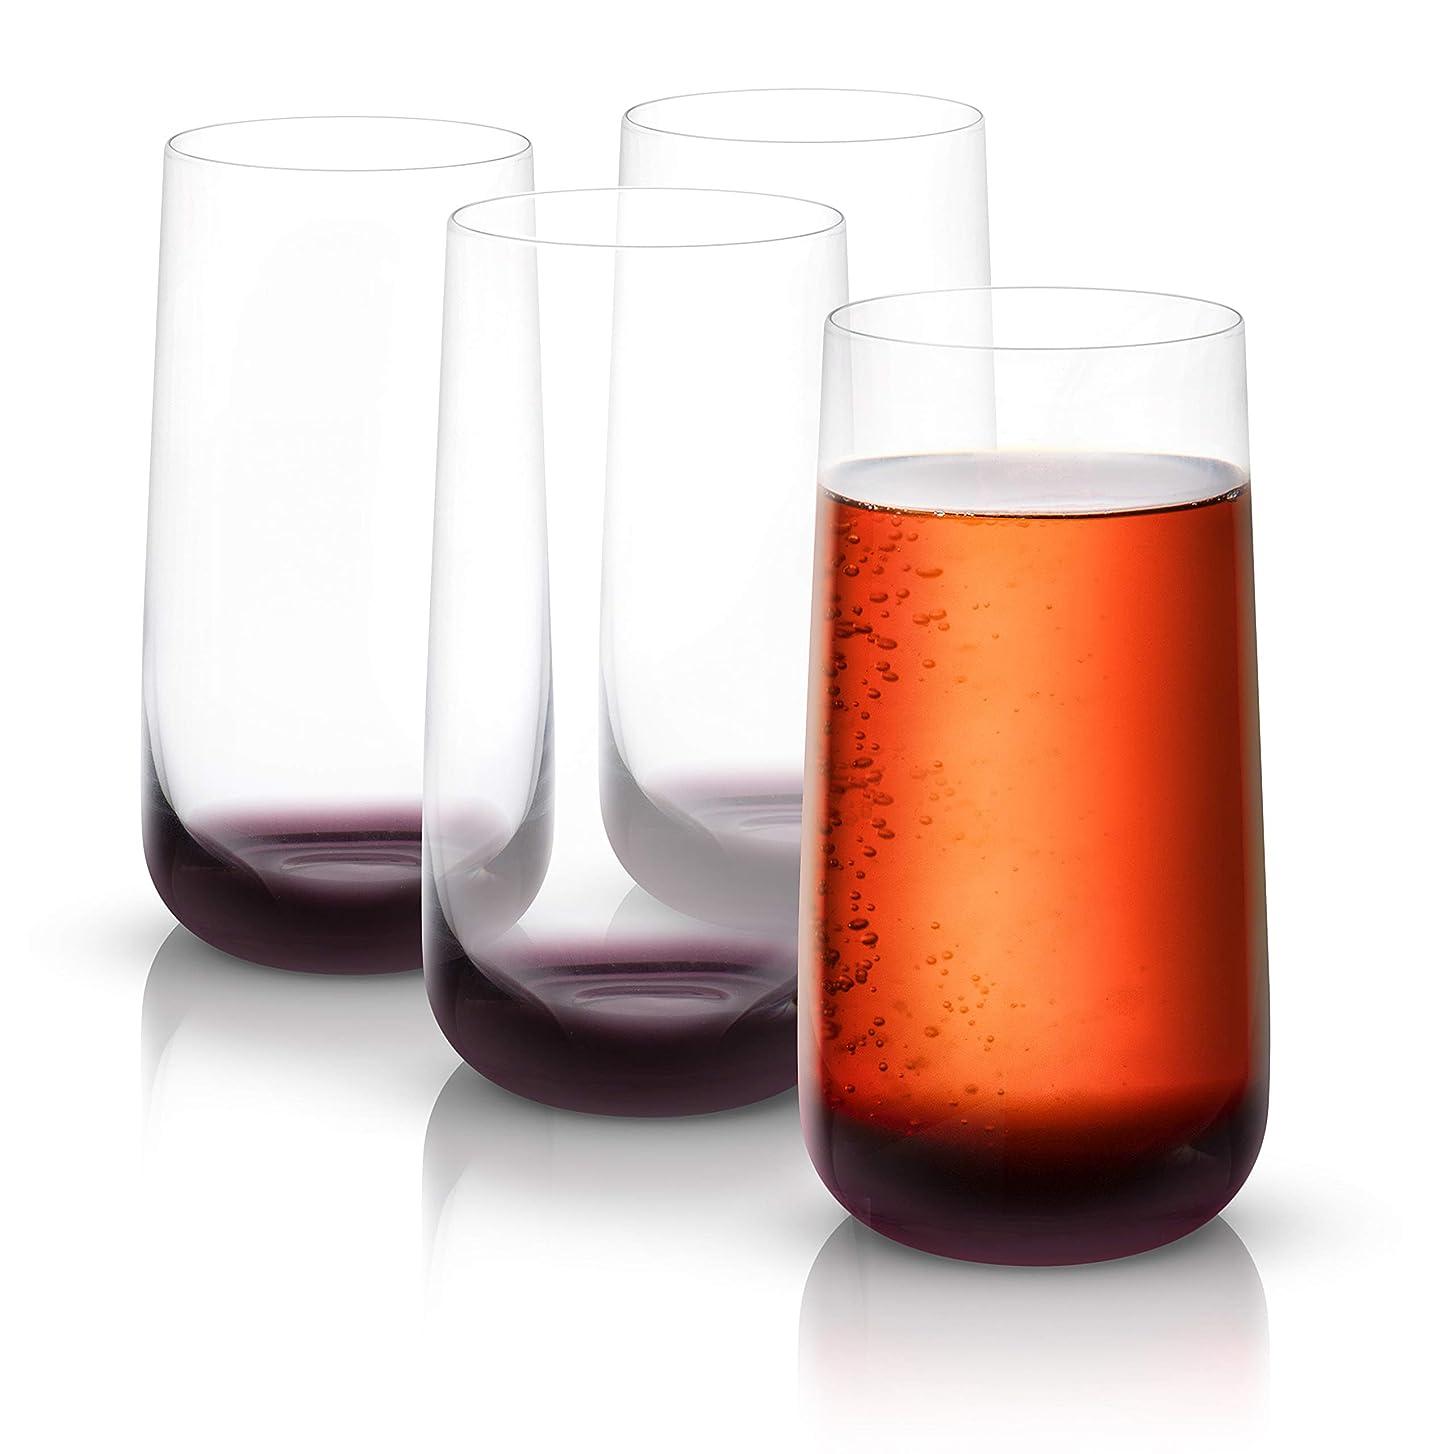 精査する会う要求JoyJolt ブラックスワン ハイボールグラス プレミアム鉛フリークリスタルグラス 容量18.2オンス 4個セット